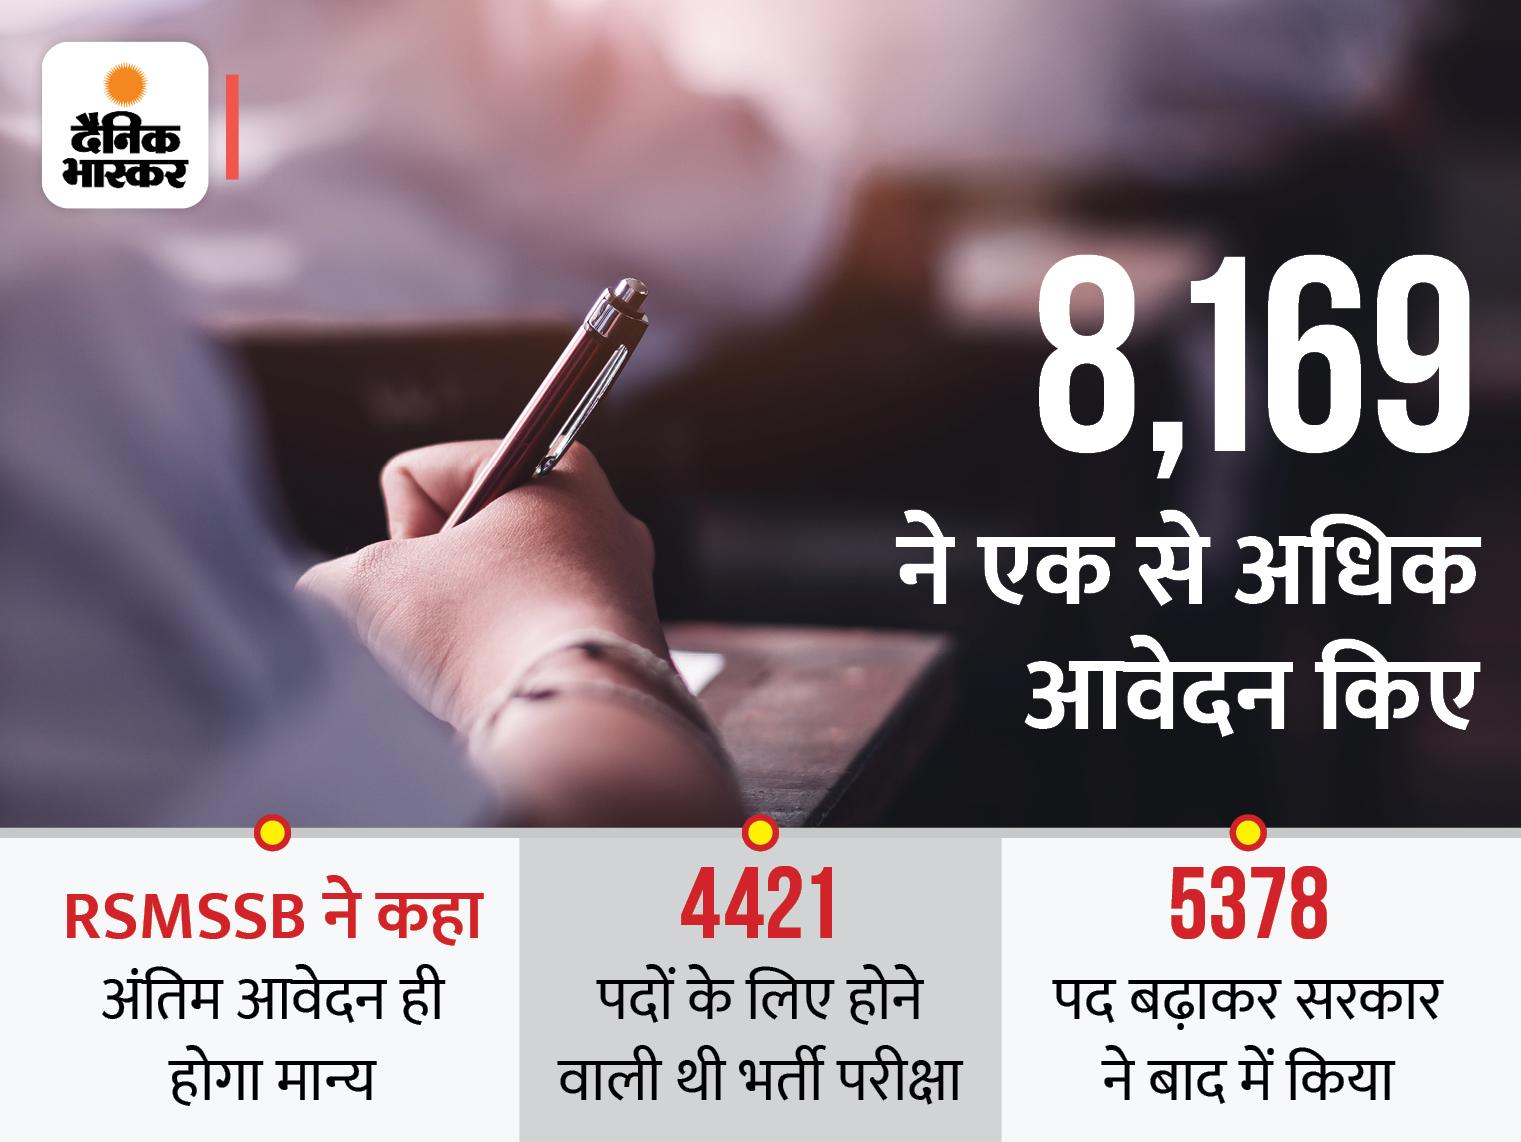 राजस्थान कर्मचारी चयन बोर्ड ने 951 पदों में किया इजाफा, 23 और 24 अक्टूबर को दो पारी में होगा पेपर; 3 घंटे की होगी परीक्षा|जयपुर,Jaipur - Dainik Bhaskar